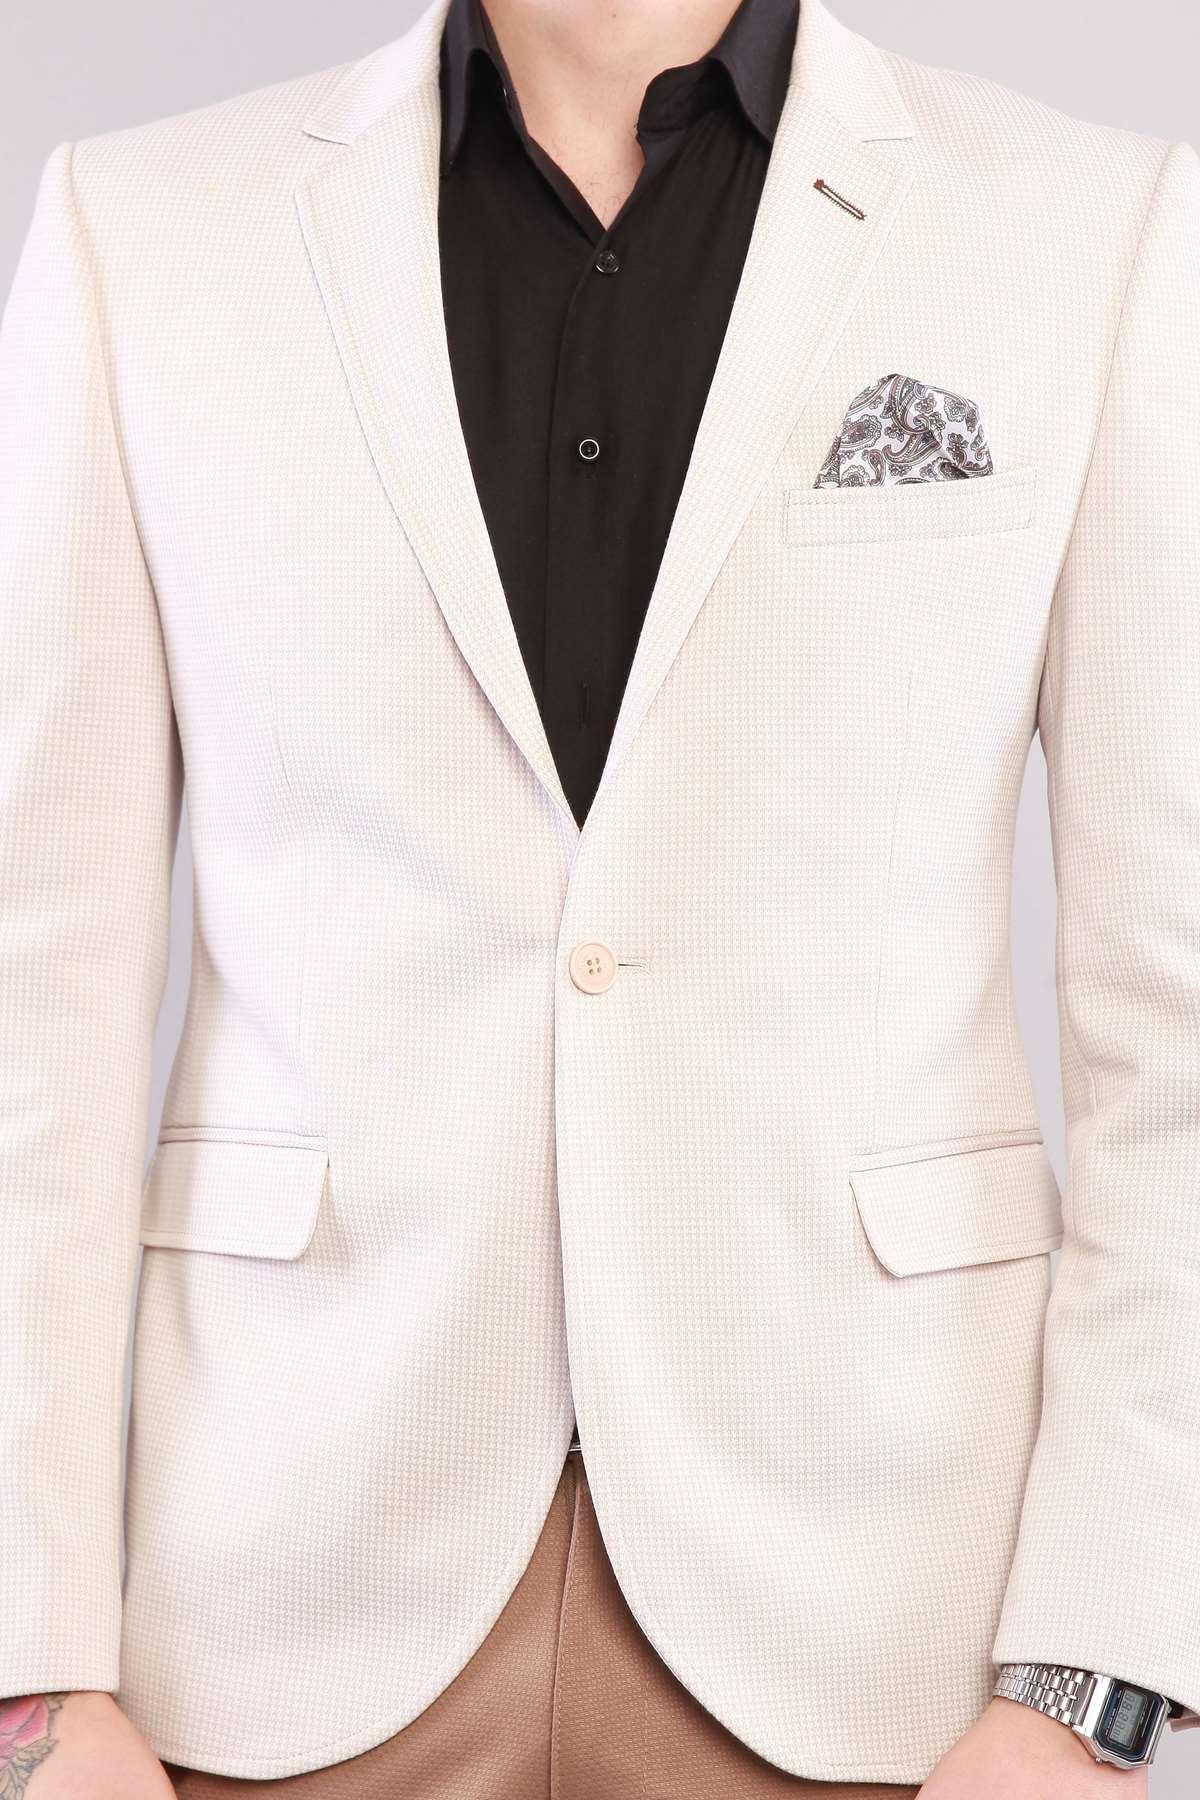 Kaz Ayağı Likralı İtalyan Kesim Ceket Vizon